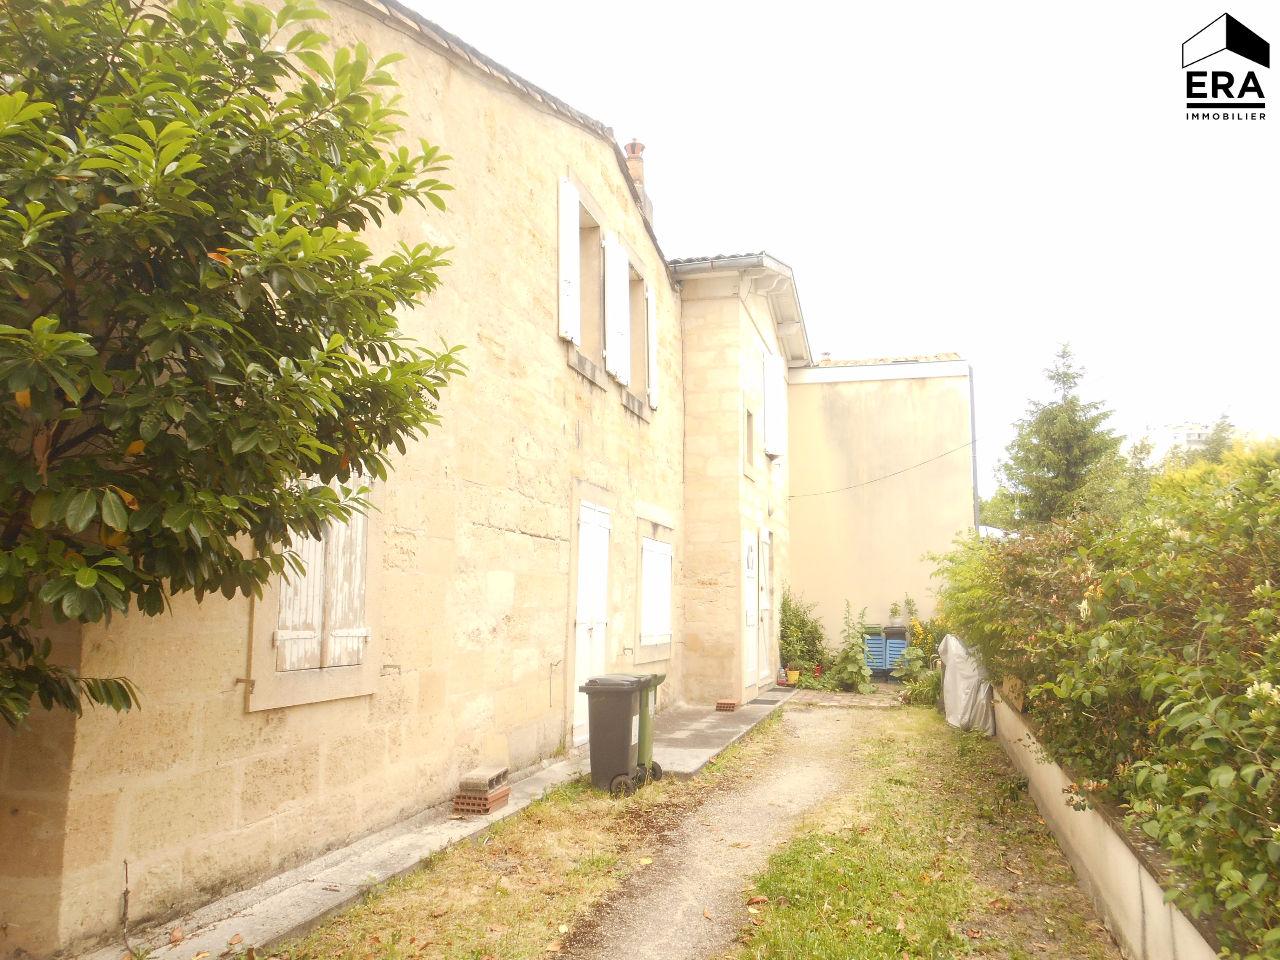 Vente Immeuble 1 pièces BORDEAUX 33200